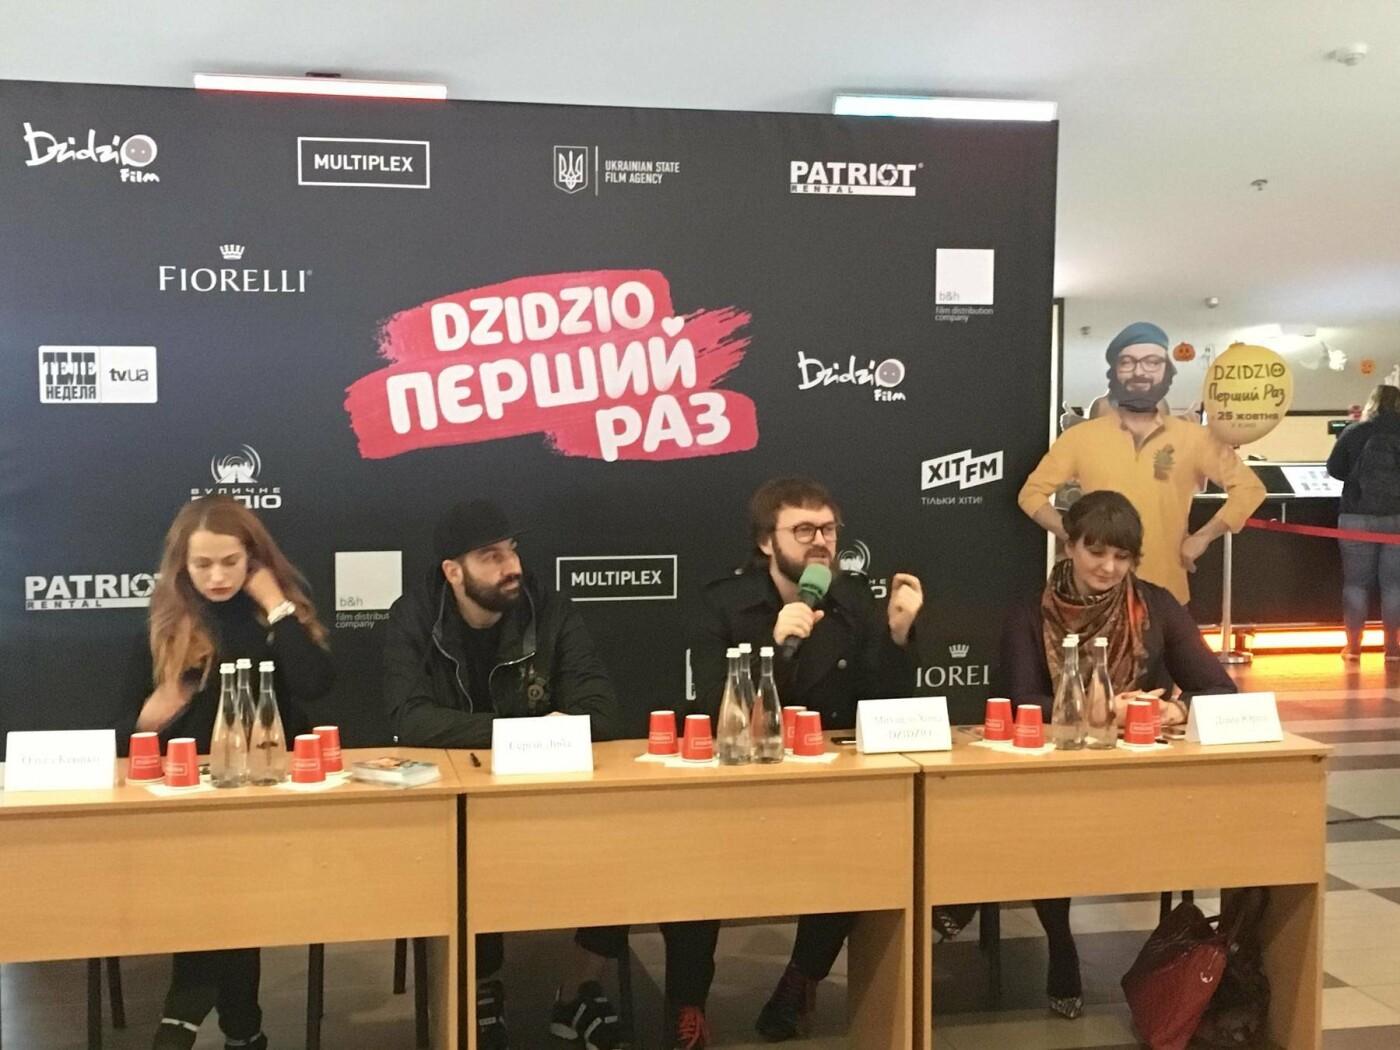 В Днепре прошла фан-встреча и автограф-сессия с украинским музыкантом, - ФОТО, фото-7